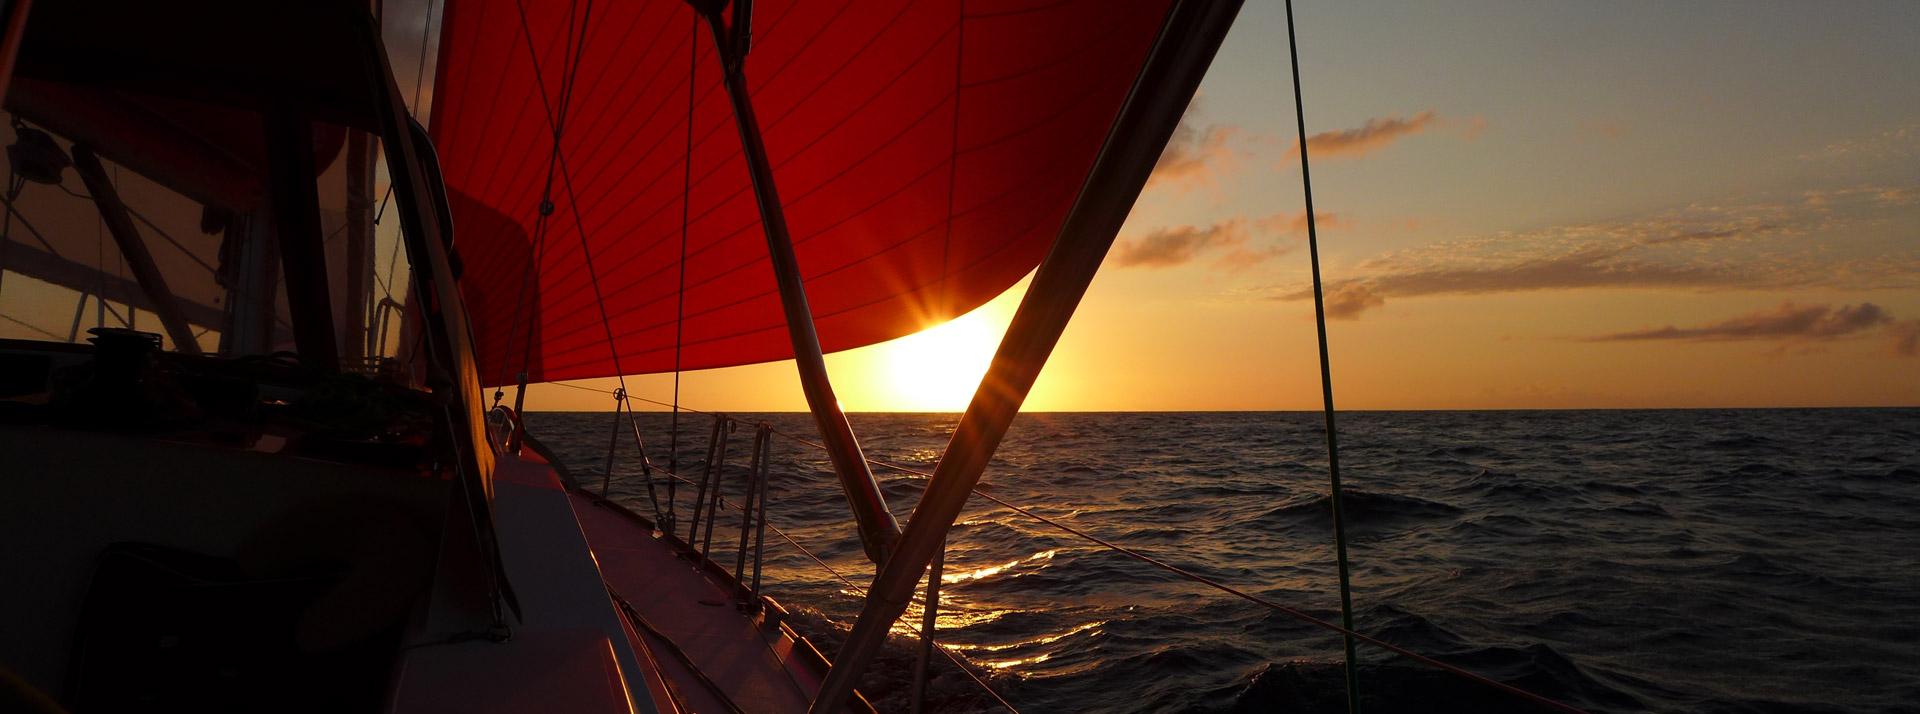 meersegeln - mehr segeln...